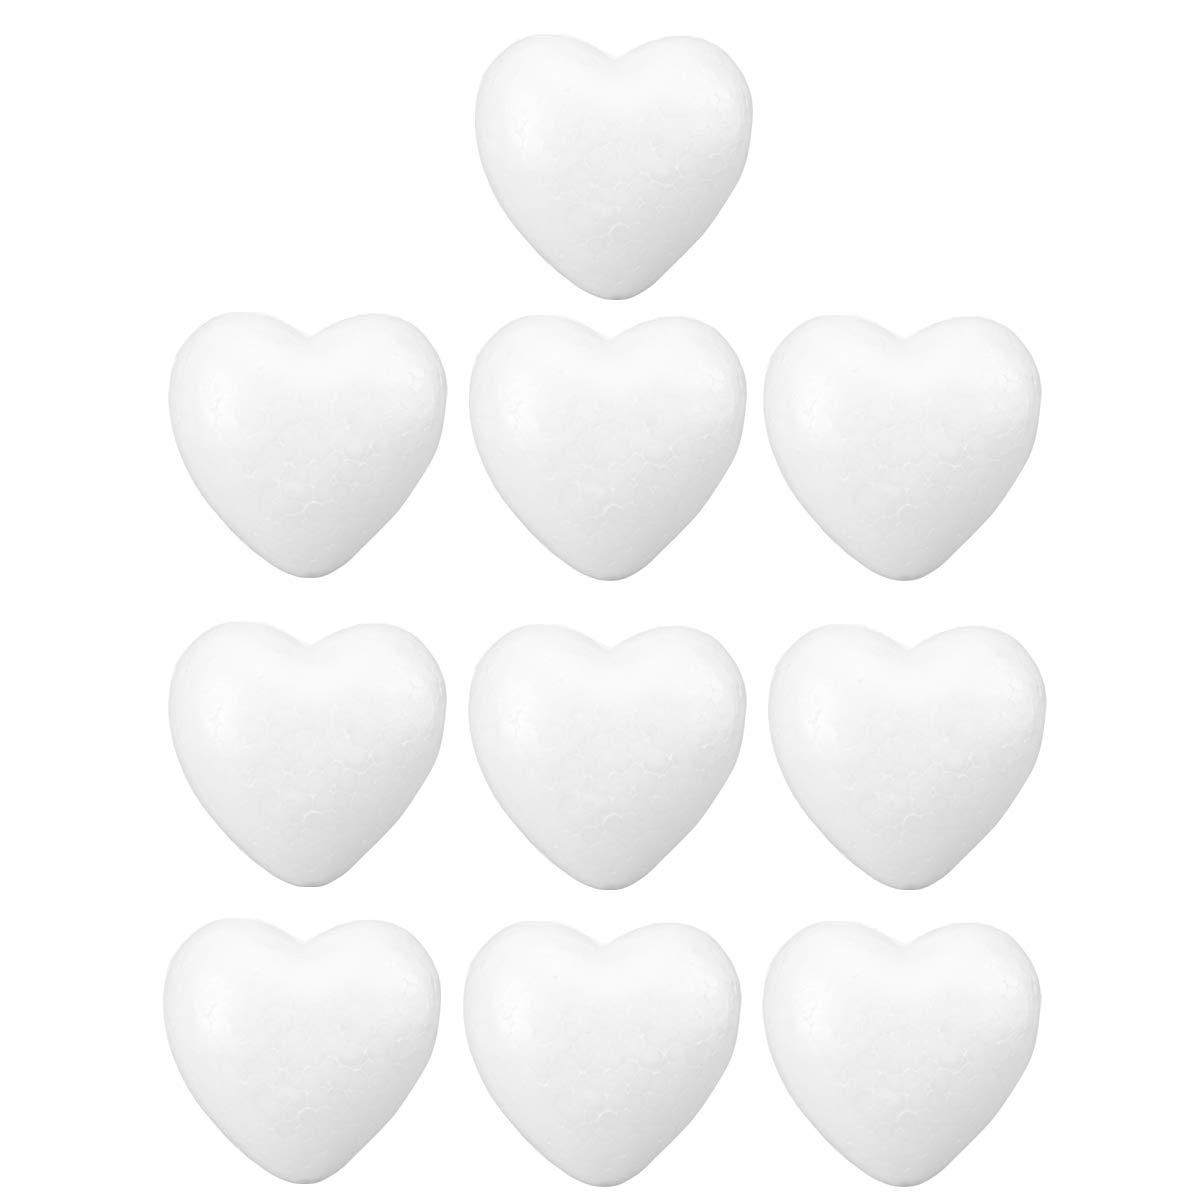 Toyvian 10pcs Artisanat Mousse Coeurs en Forme de Coeur Boule de Mousse de polystyr/ène pour Les Arts et lartisanat utilisent Bricolage Ornements de Mariage d/écorations 6cm Blanc